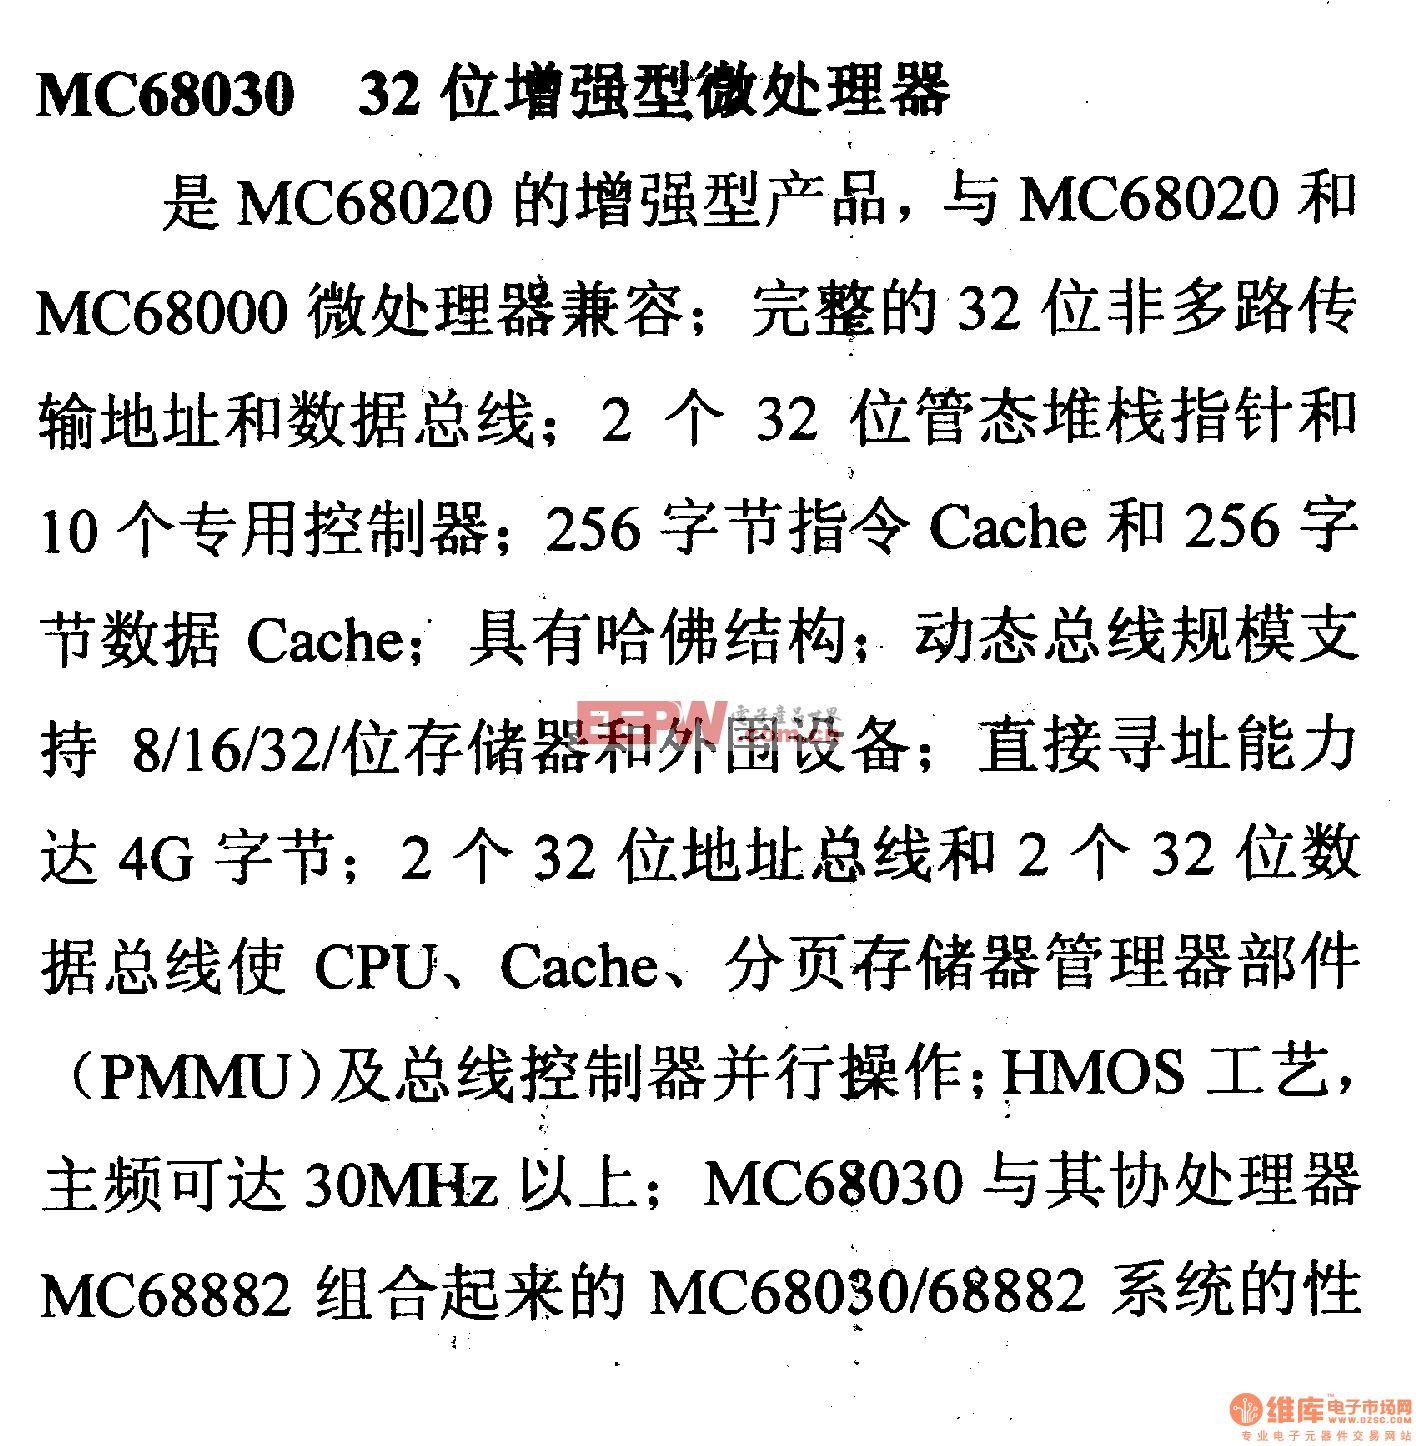 芯片引脚及主要特性MC68030,32从小到大增强型处理器